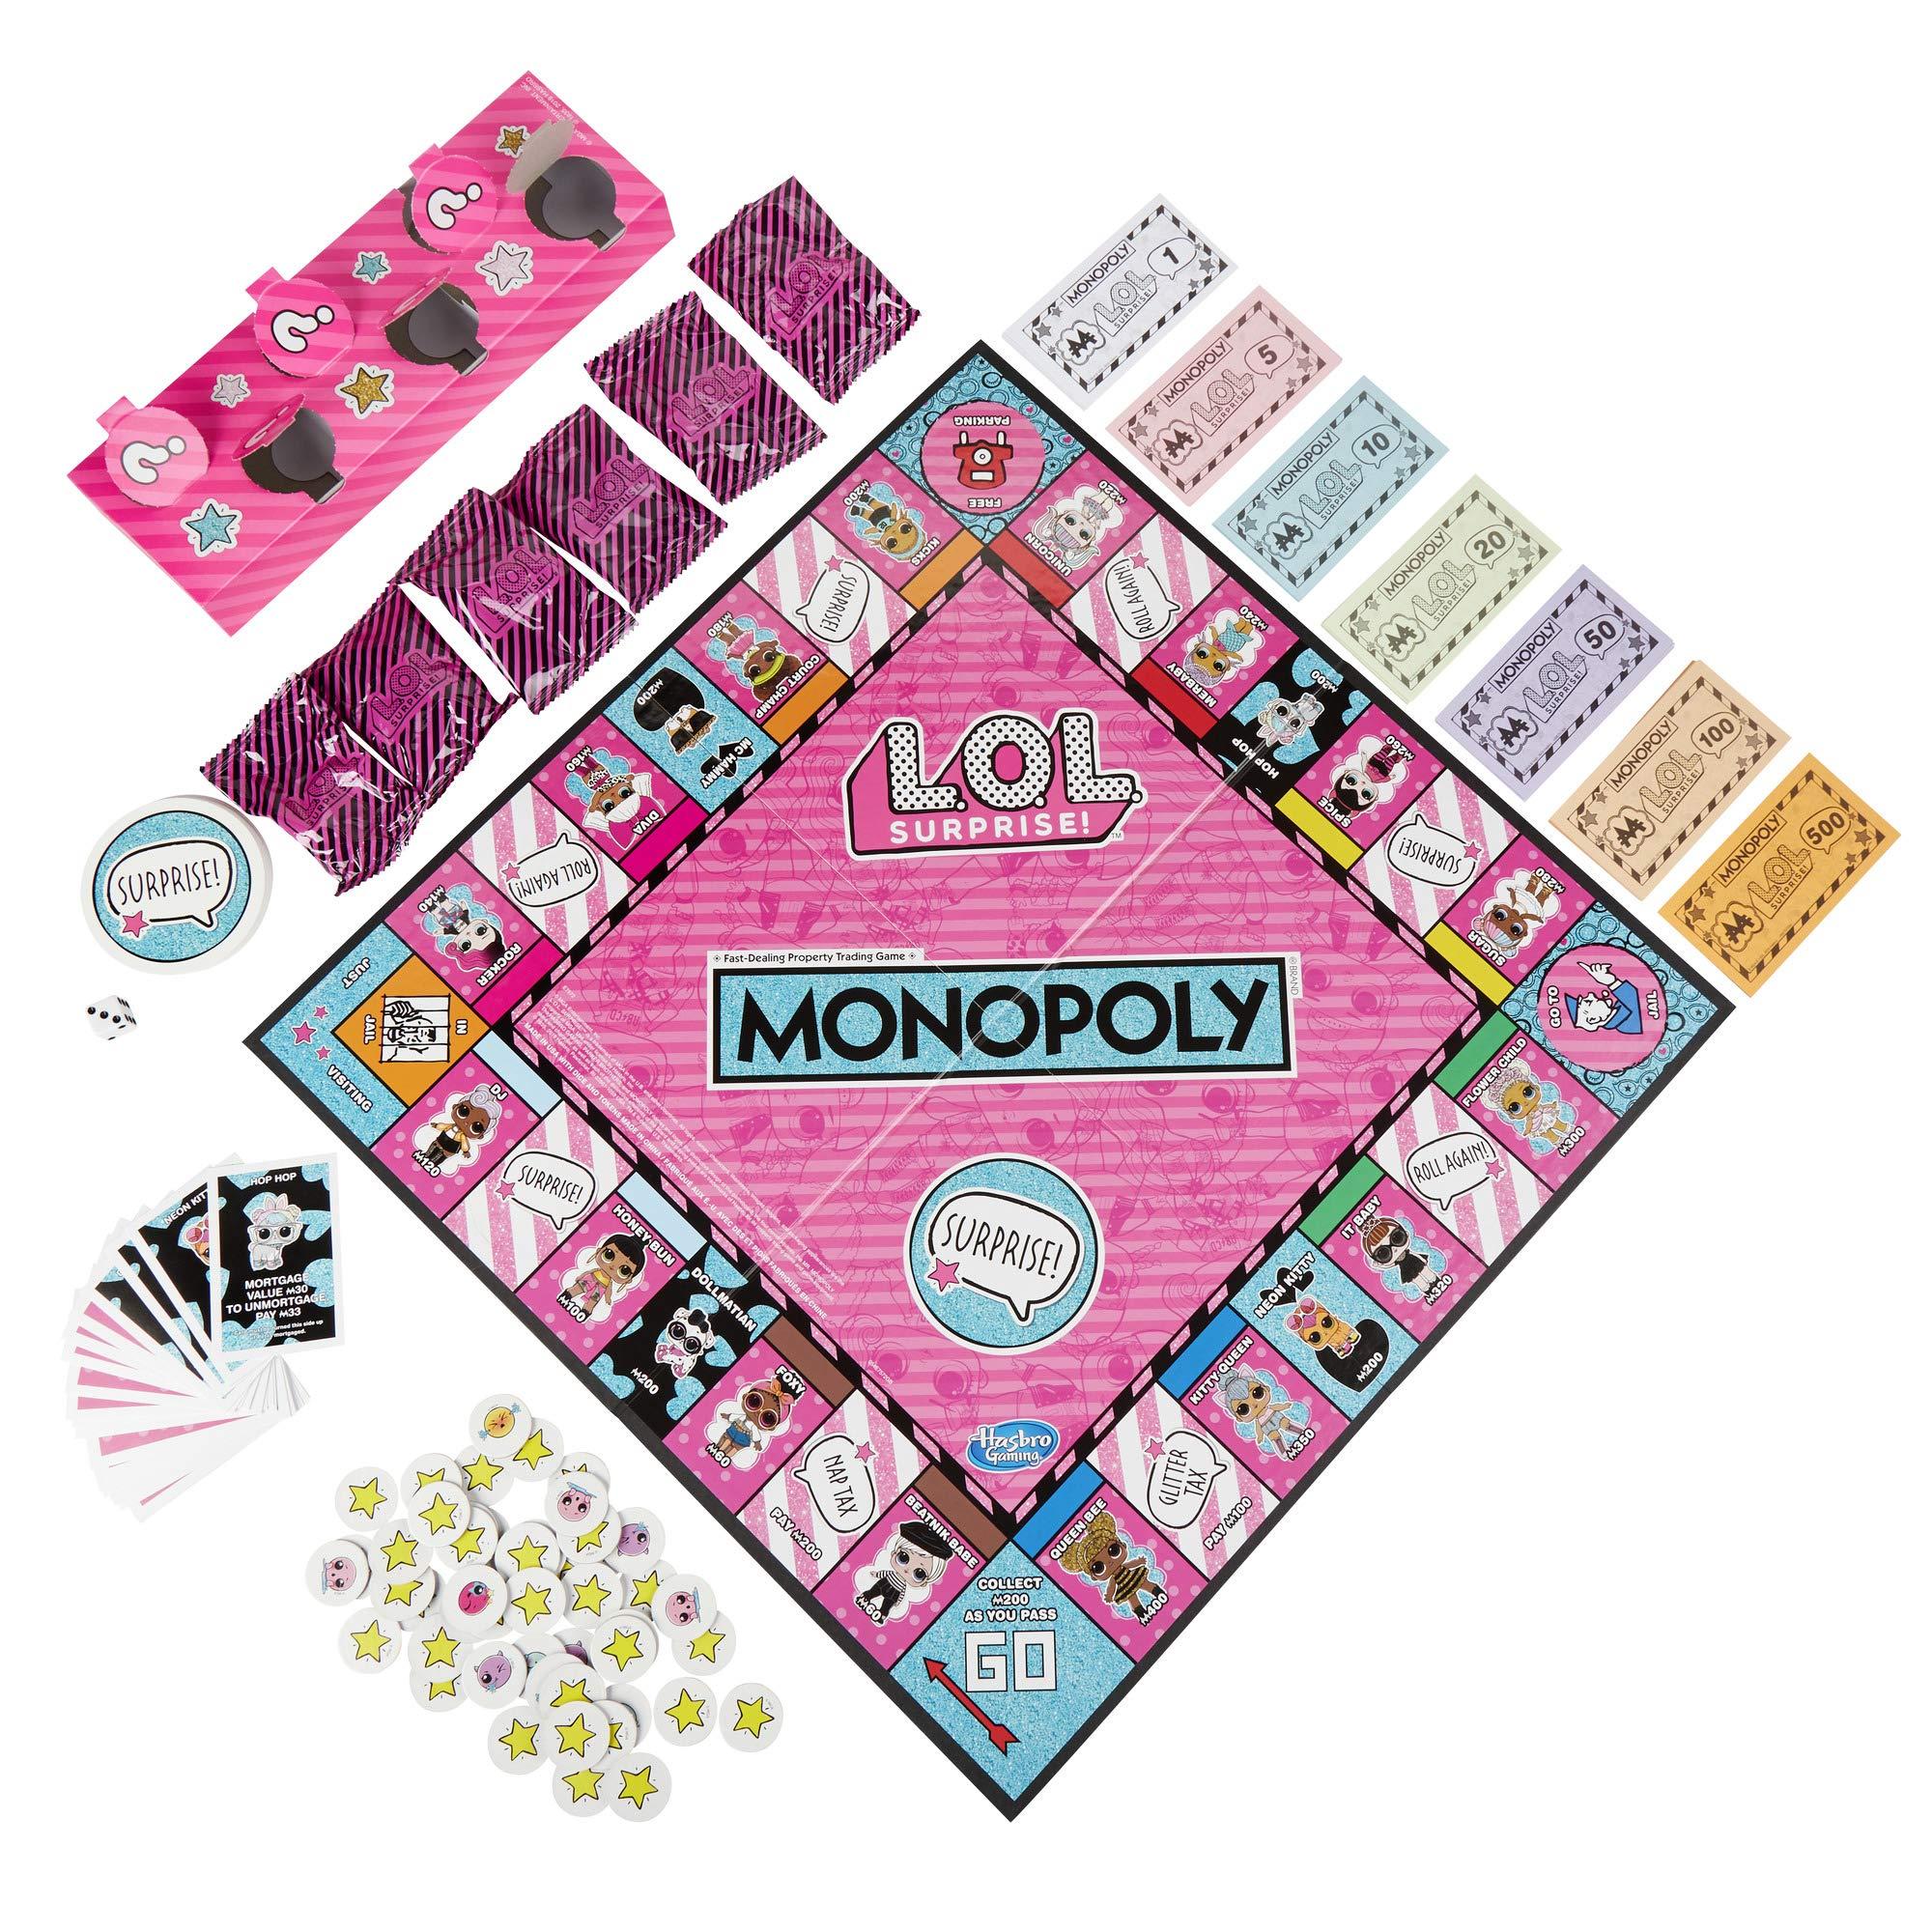 Monopoly Lol Surprise: Amazon.es: Hasbro: Libros en idiomas extranjeros